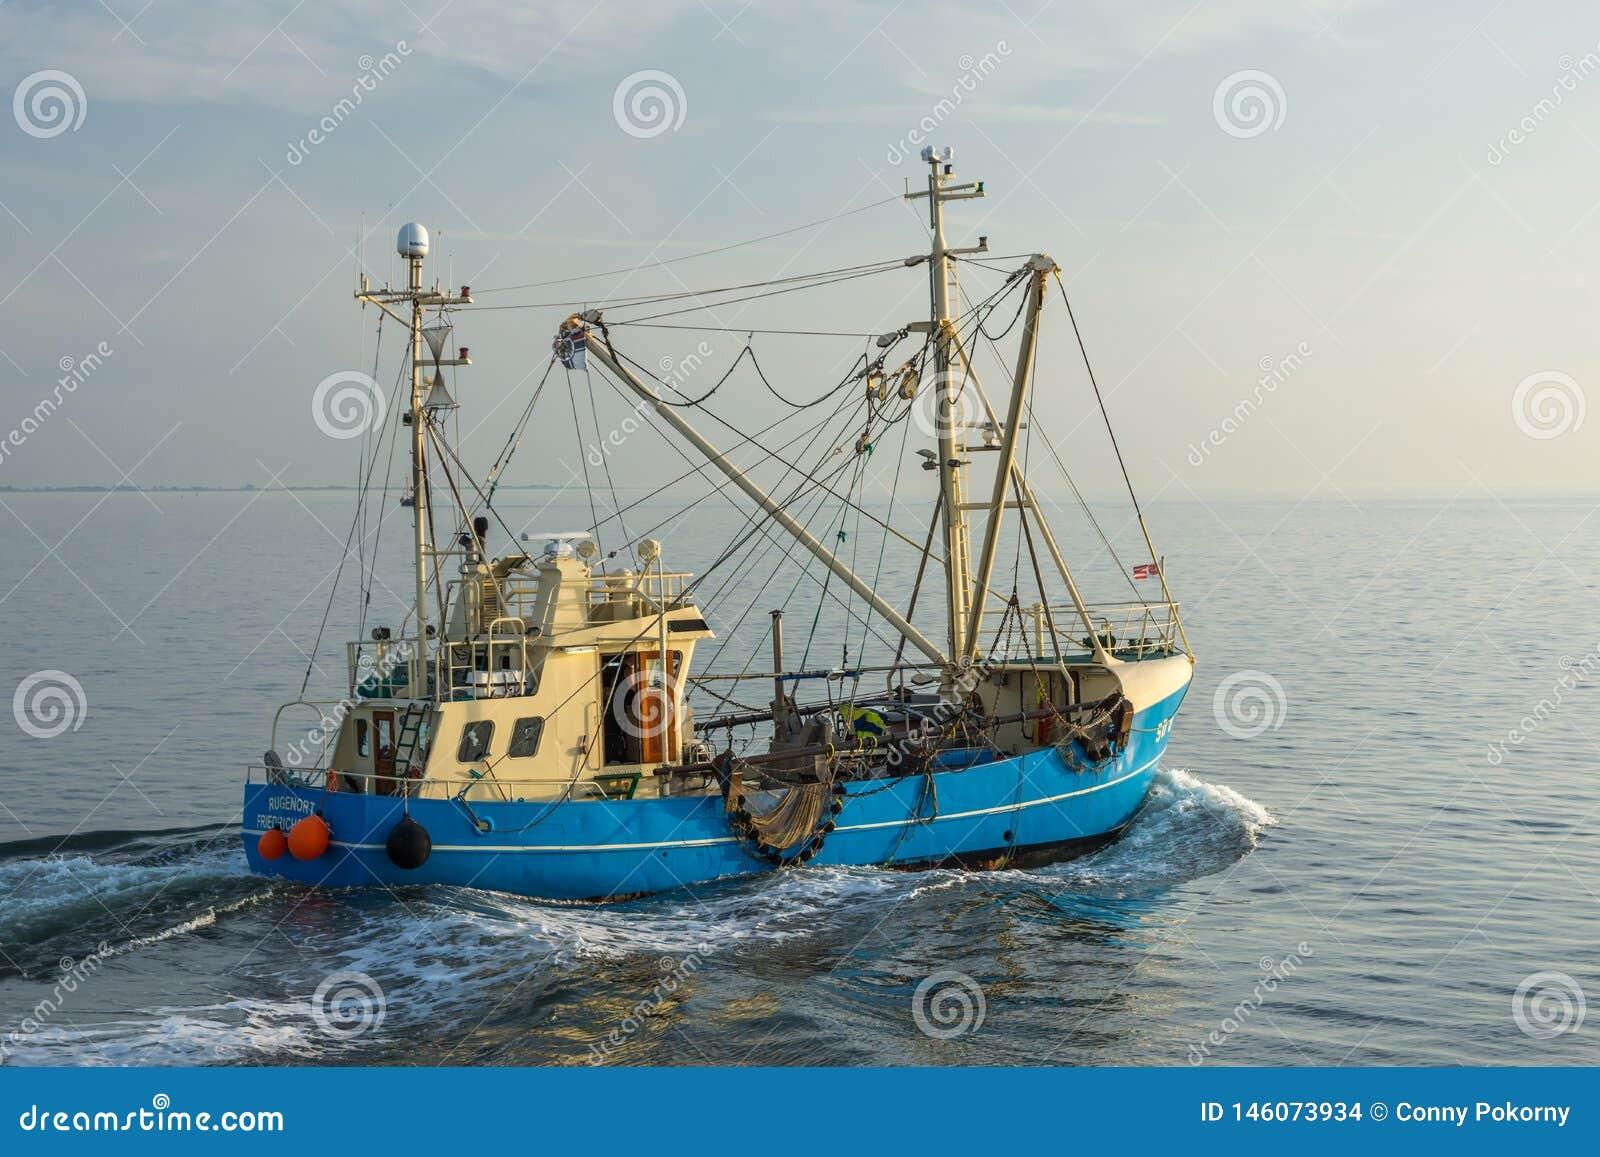 Αλιεύοντας αλιευτικό πλοιάριο, Βόρεια Θάλασσα